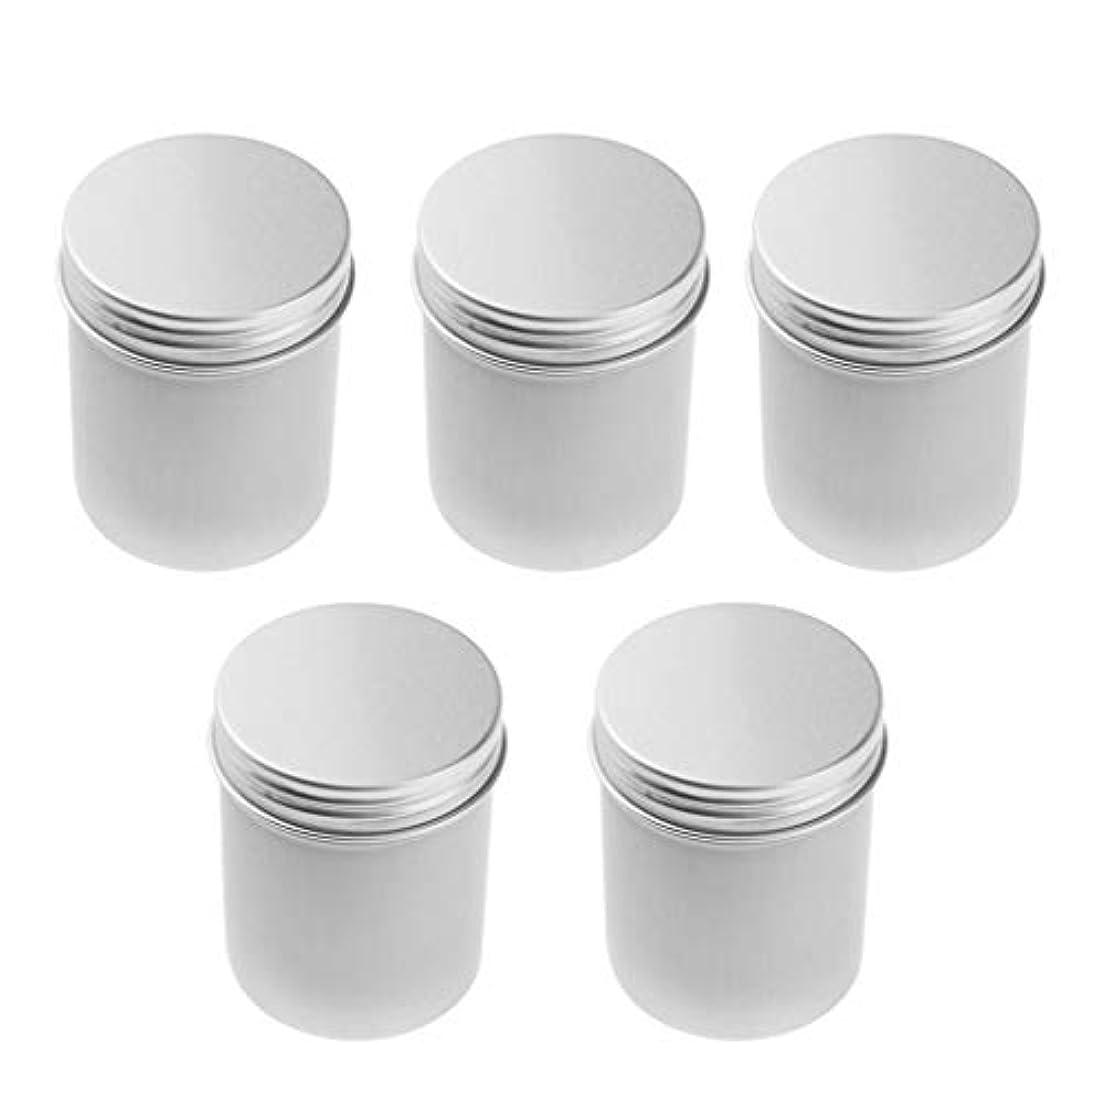 アルミニウム箱ピンクIPOTCH アルミ缶 ポット コスメ 化粧品 詰替え容器 缶 ネジ蓋 高級アルミ製 5本 80ミリリットル 汎用